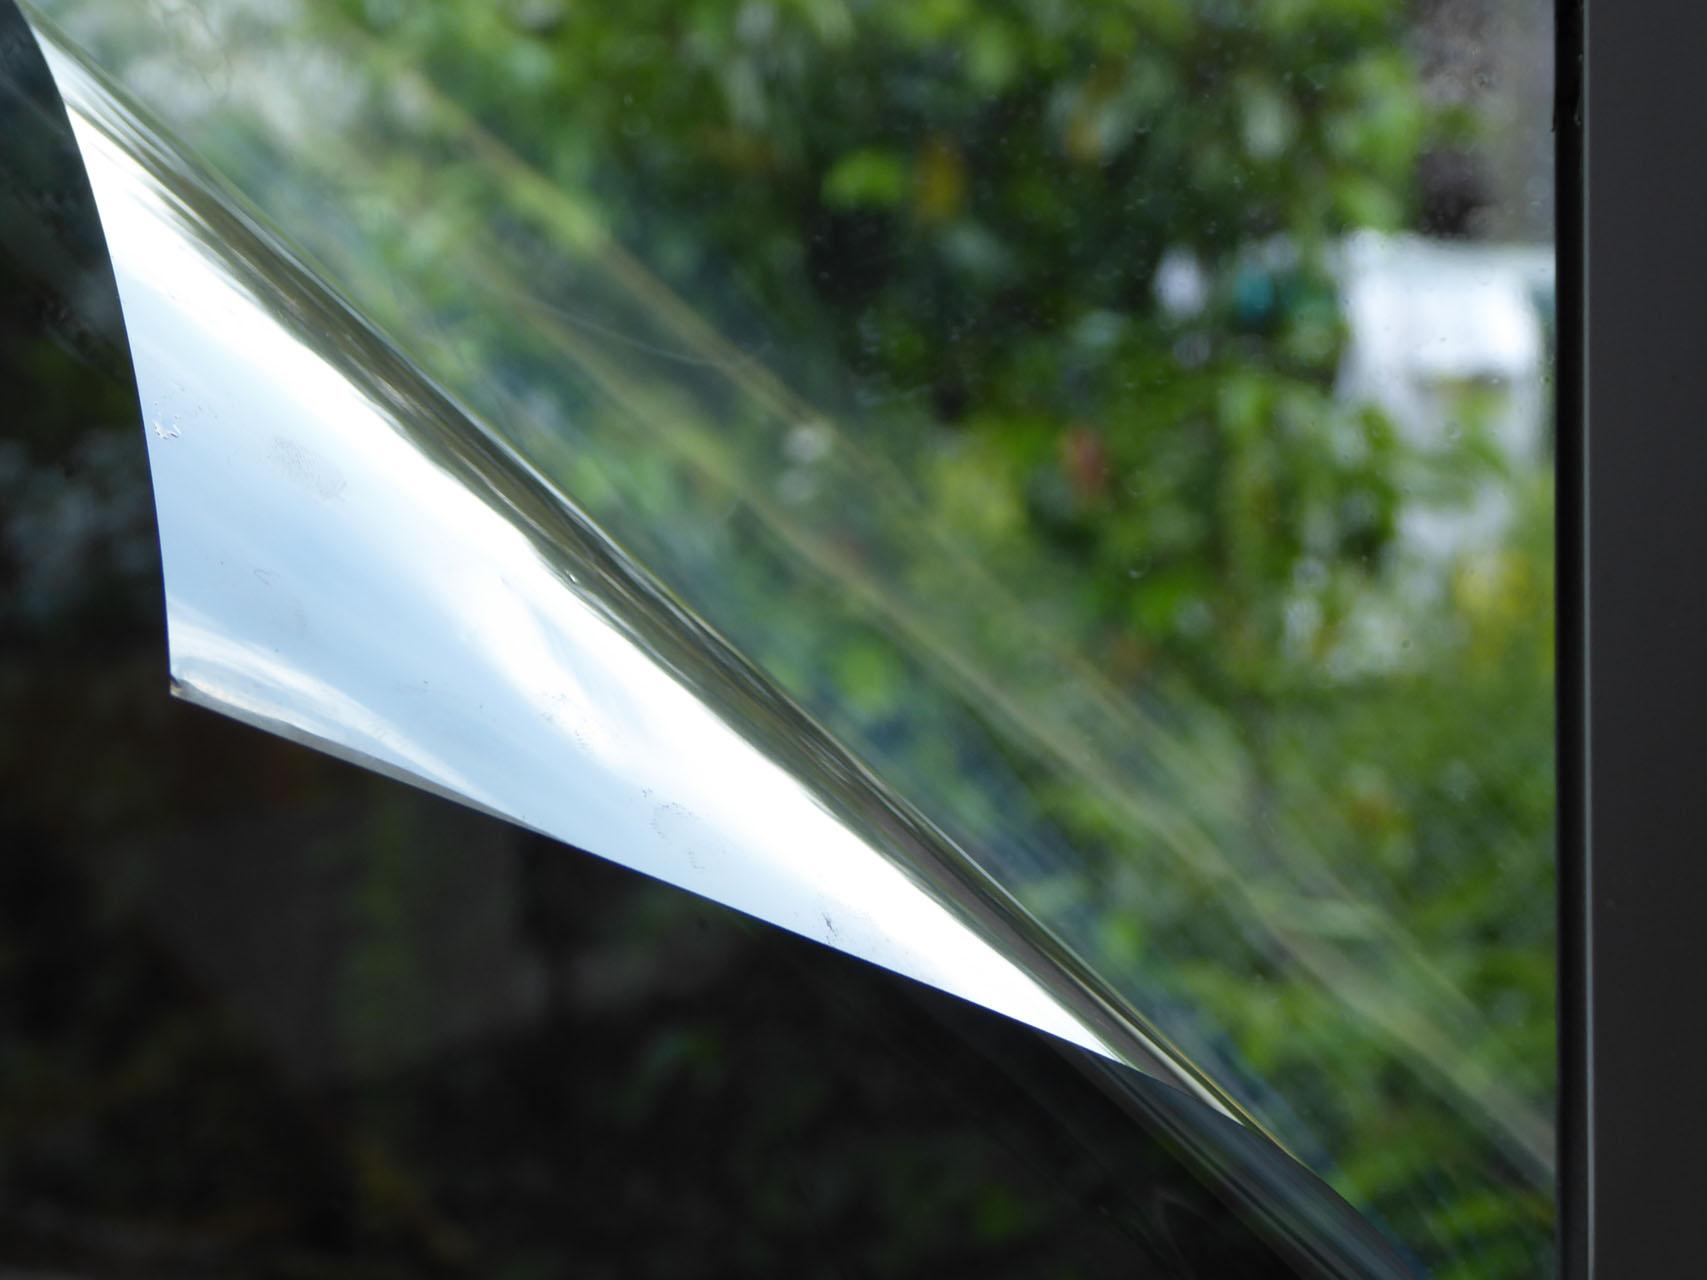 Full Size of Folie Am Fenster 1 Lichtwerbung Bodentief Reinigen Nach Maß Sichtschutzfolie Für Fliesen Dusche Erneuern Kaufen In Polen Wasserhahn Küche Standardmaße Fenster Folie Für Fenster